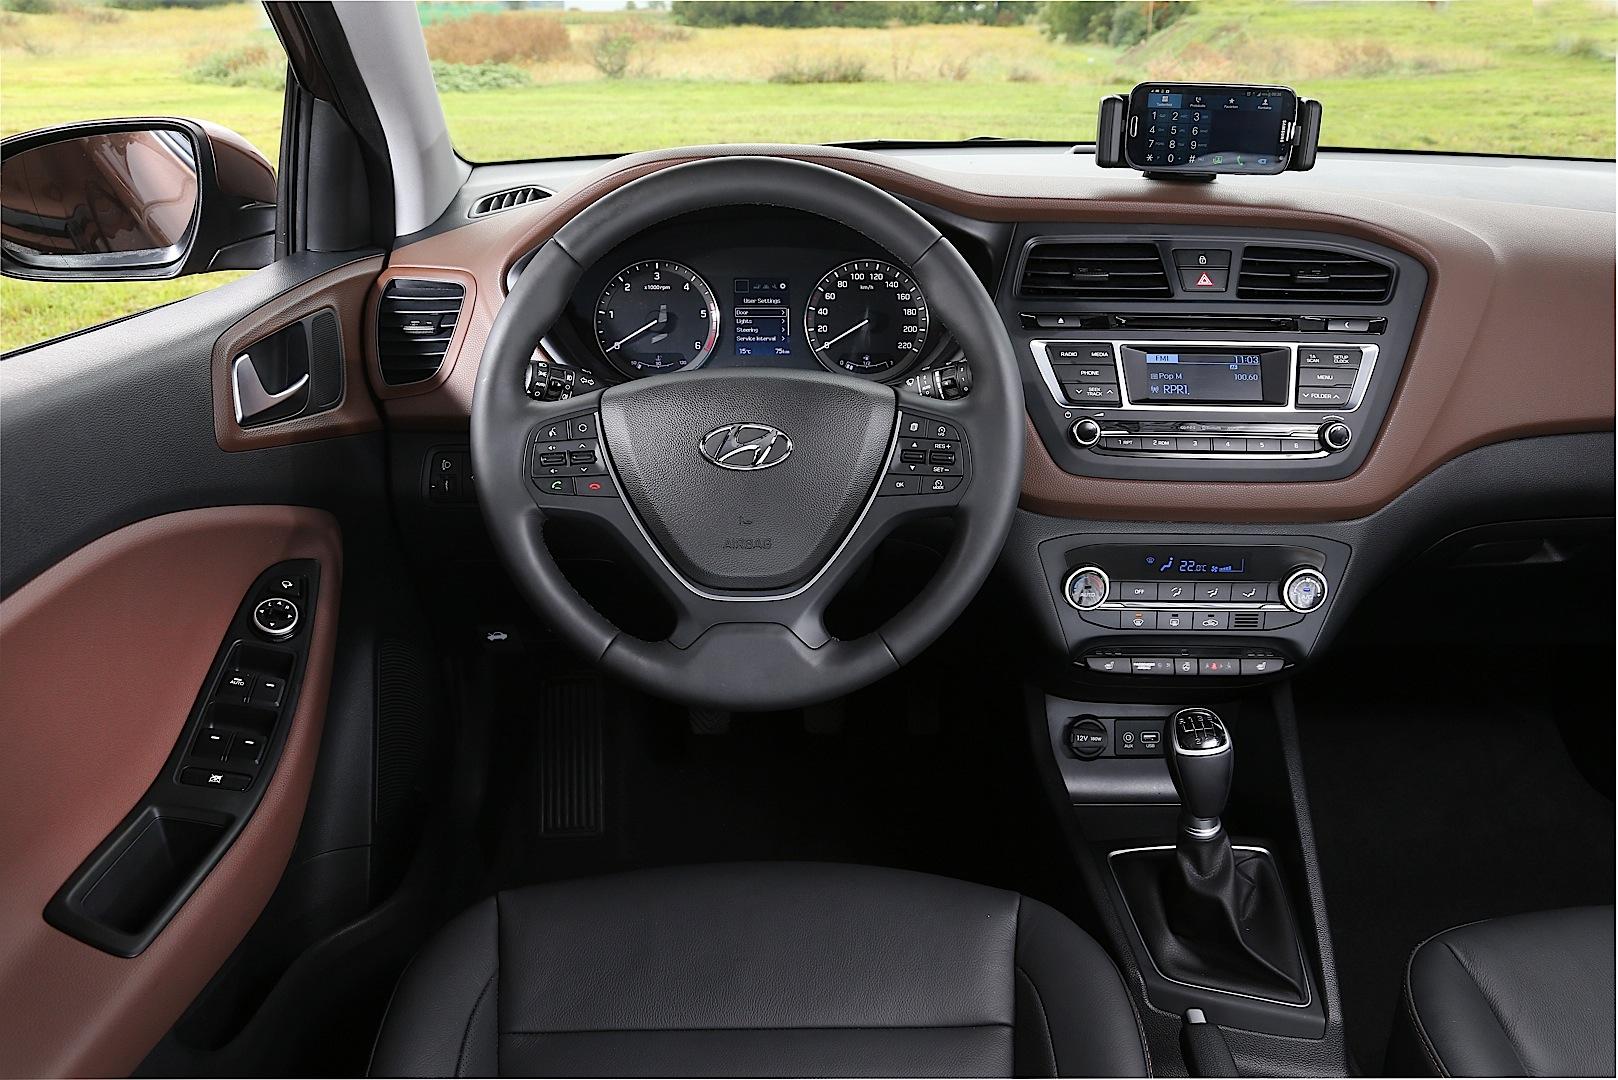 Hyundai I20 Reviews >> All-New Hyundai i20 Interior Detailed - autoevolution